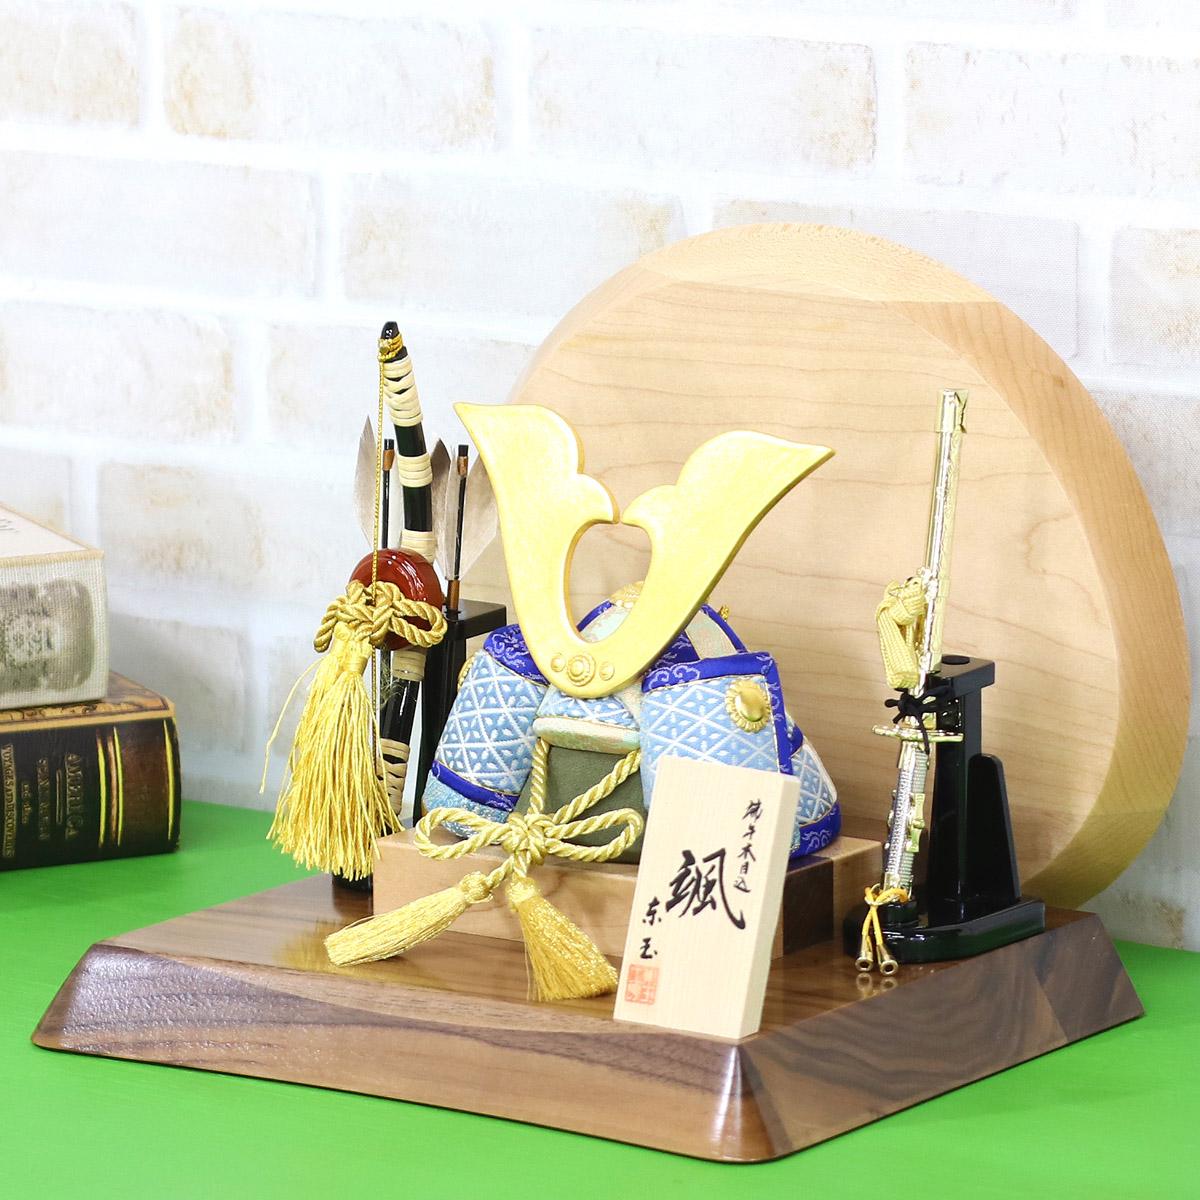 五月人形 東玉 木目込み 兜飾り 颯シリーズ 「青」 高級木材使用台屏風 ≪GOTG-NO12-W11≫コンパクト おしゃれ 木目込み 五月人形